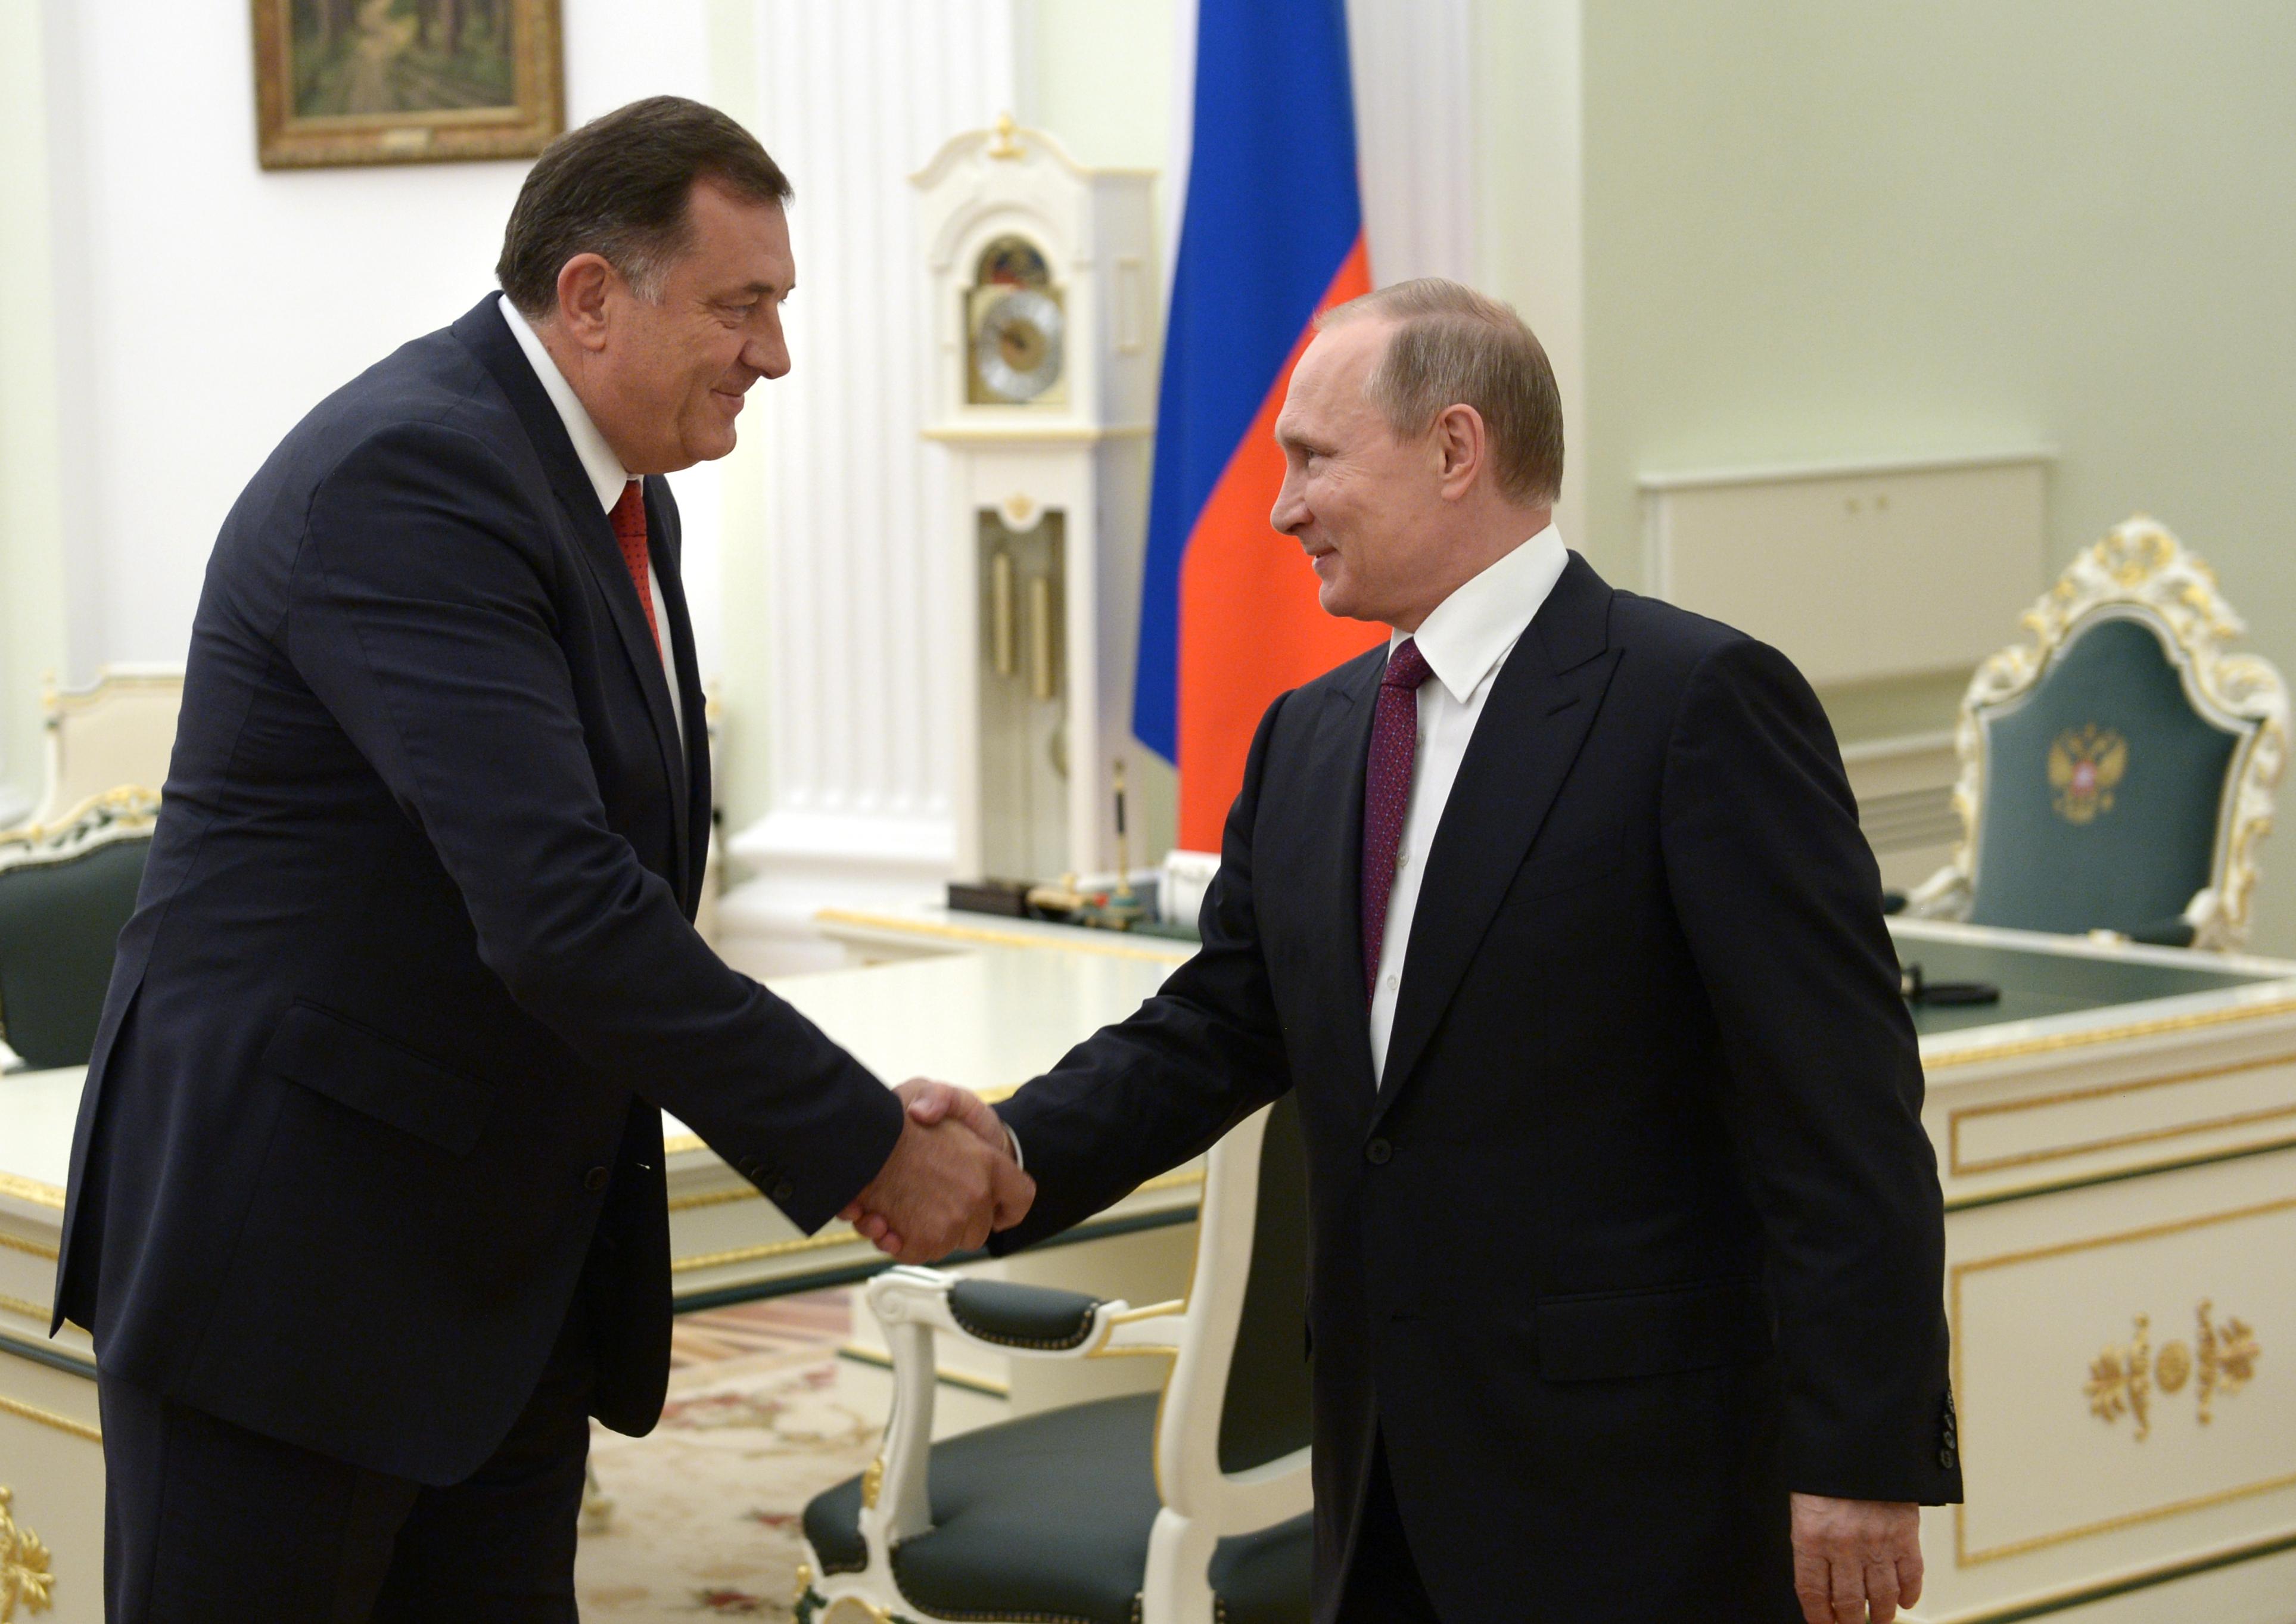 Президент Республики Сербской Милорад Додик и президент России Владимир Путин. Фото: EPA